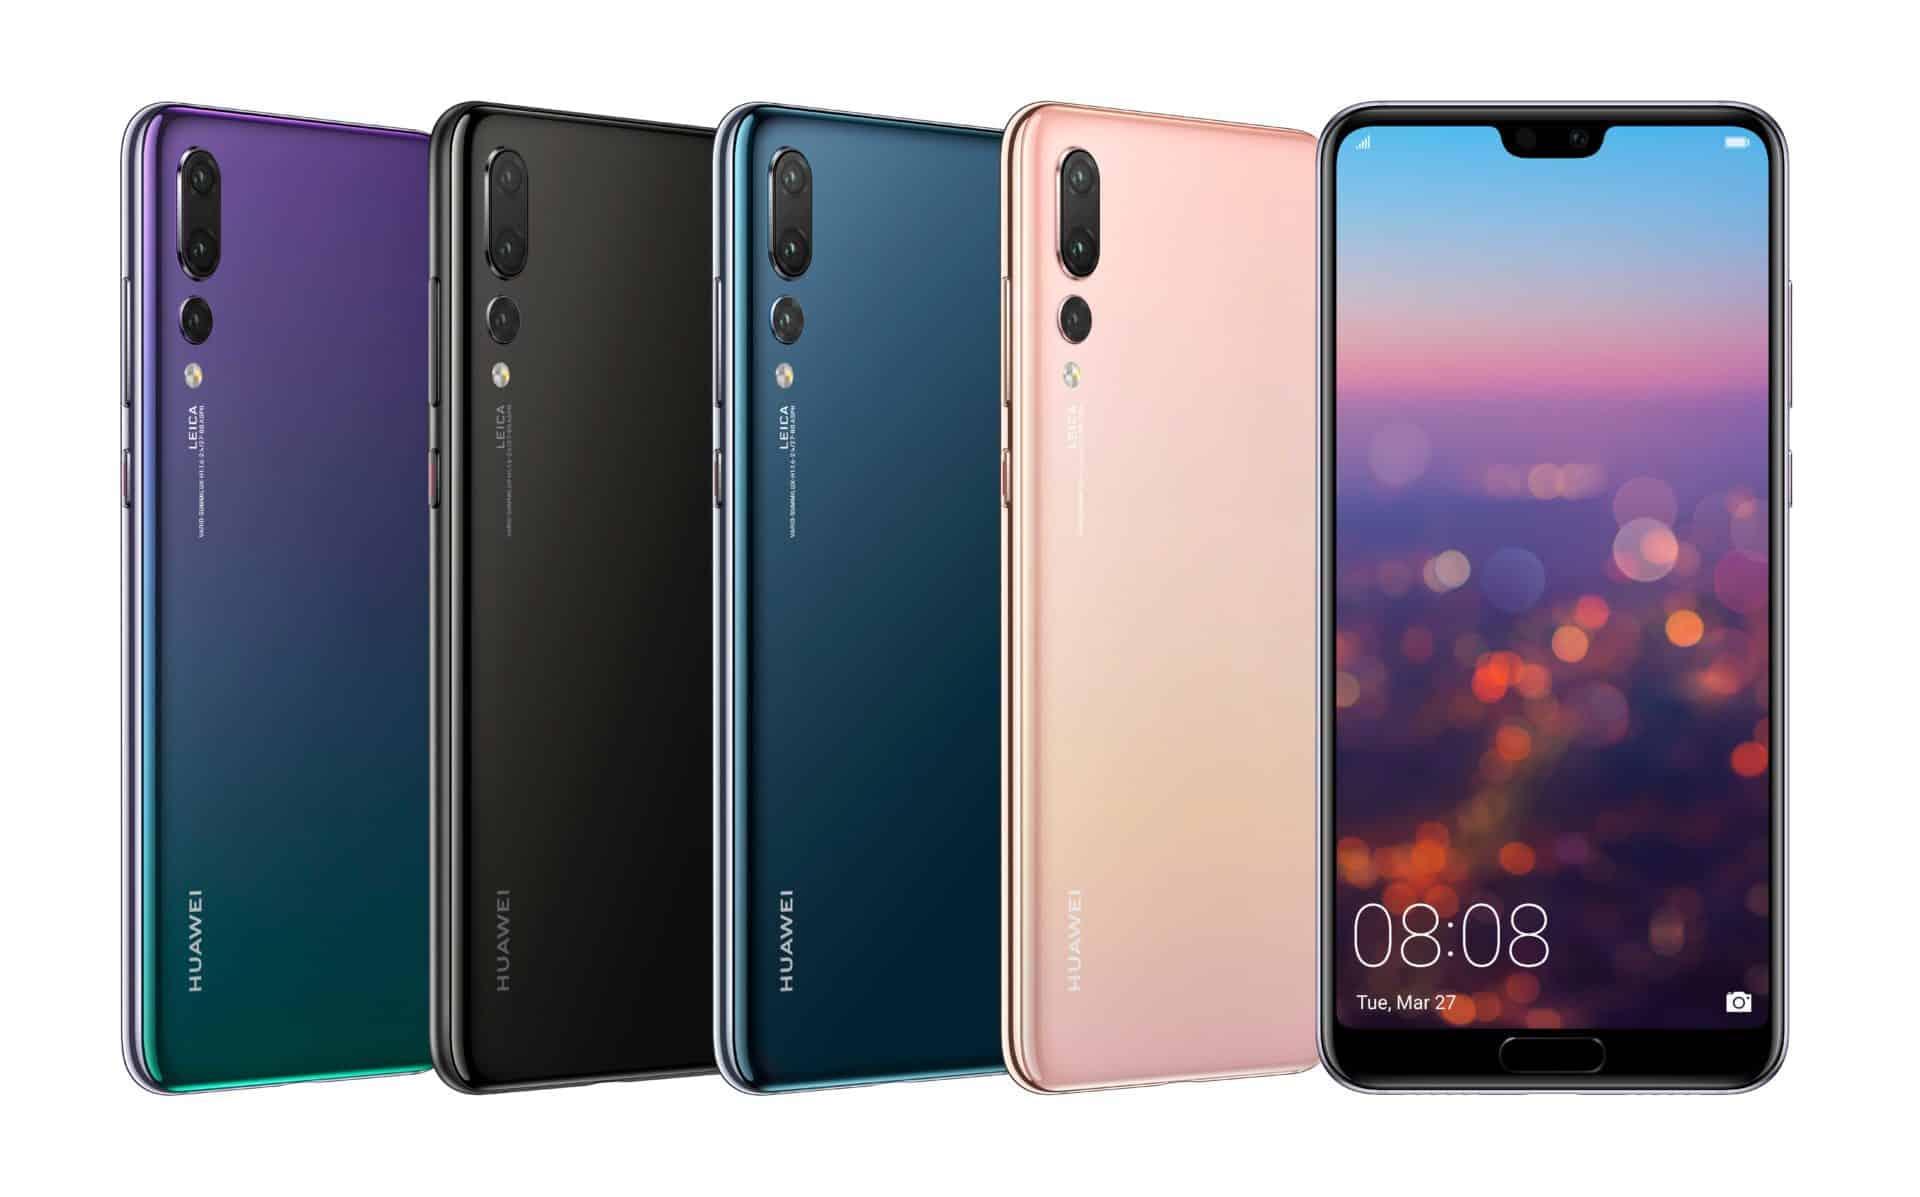 Předobjednávky prémiového smartphonu Huawei P20 Pro jsou spuštěny